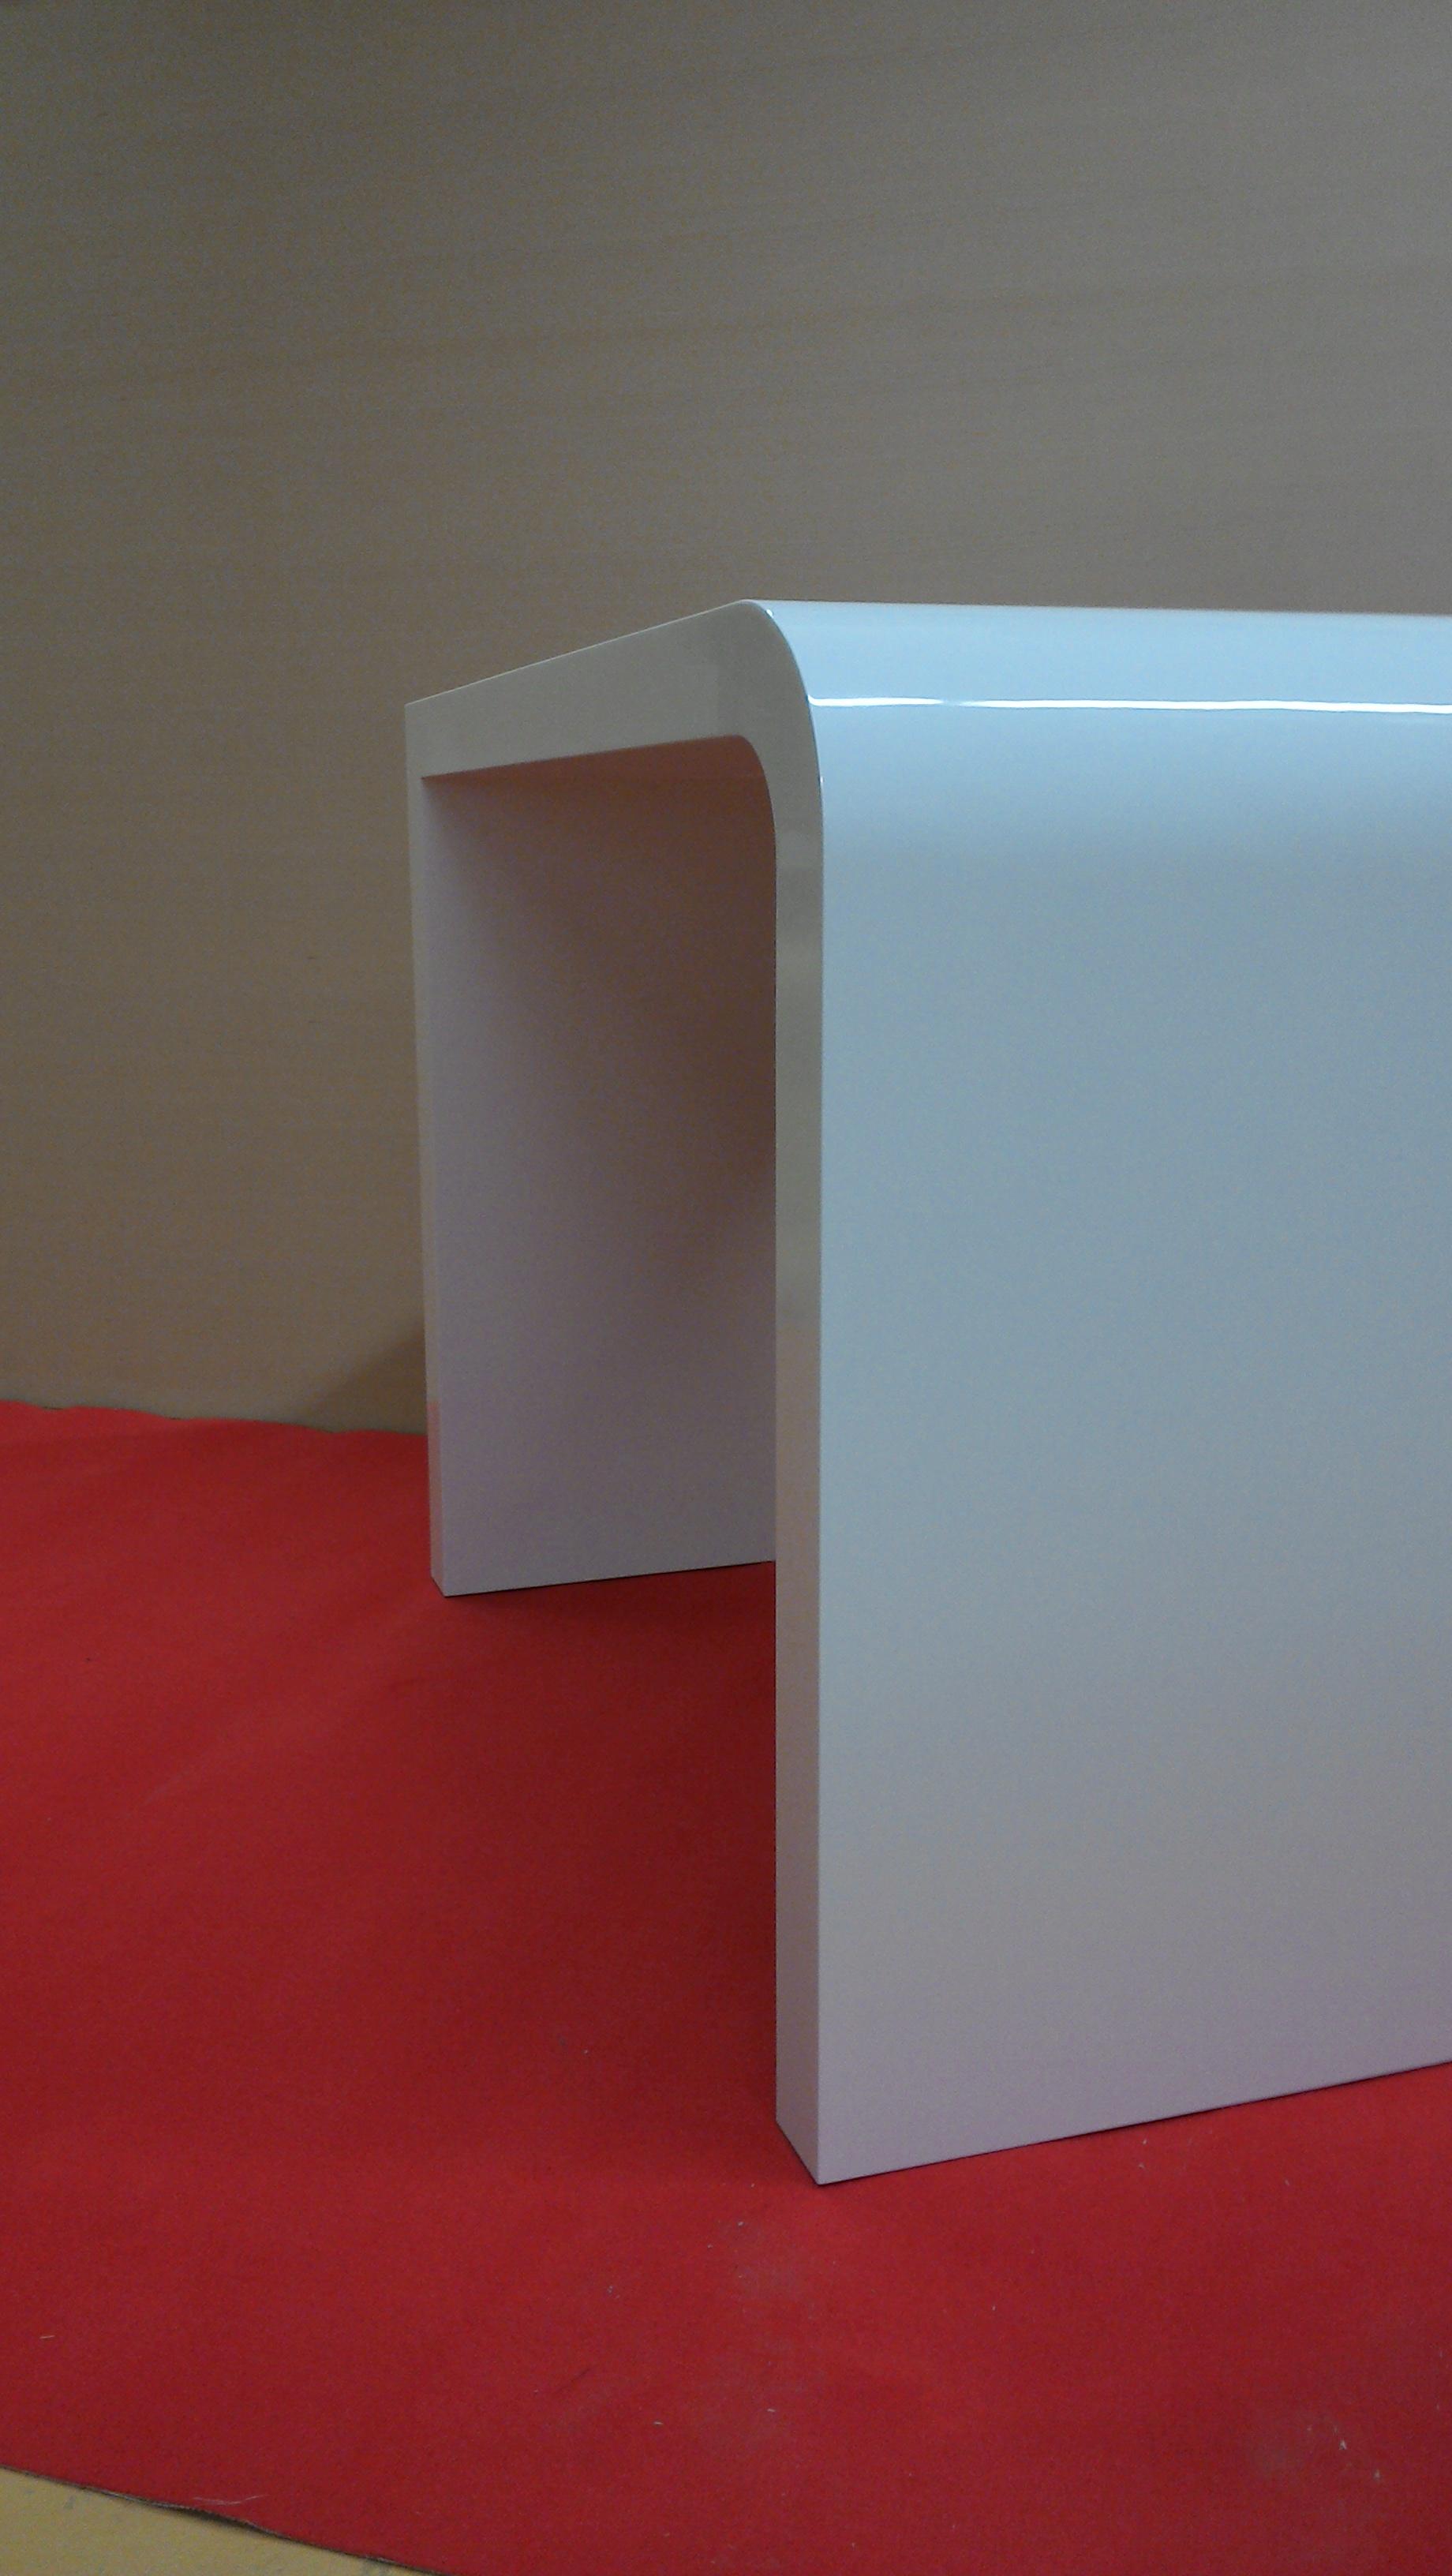 Stehtisch mit runden Ecken ca. 80 mm stark in RAL 7035 hochglanz lackiert